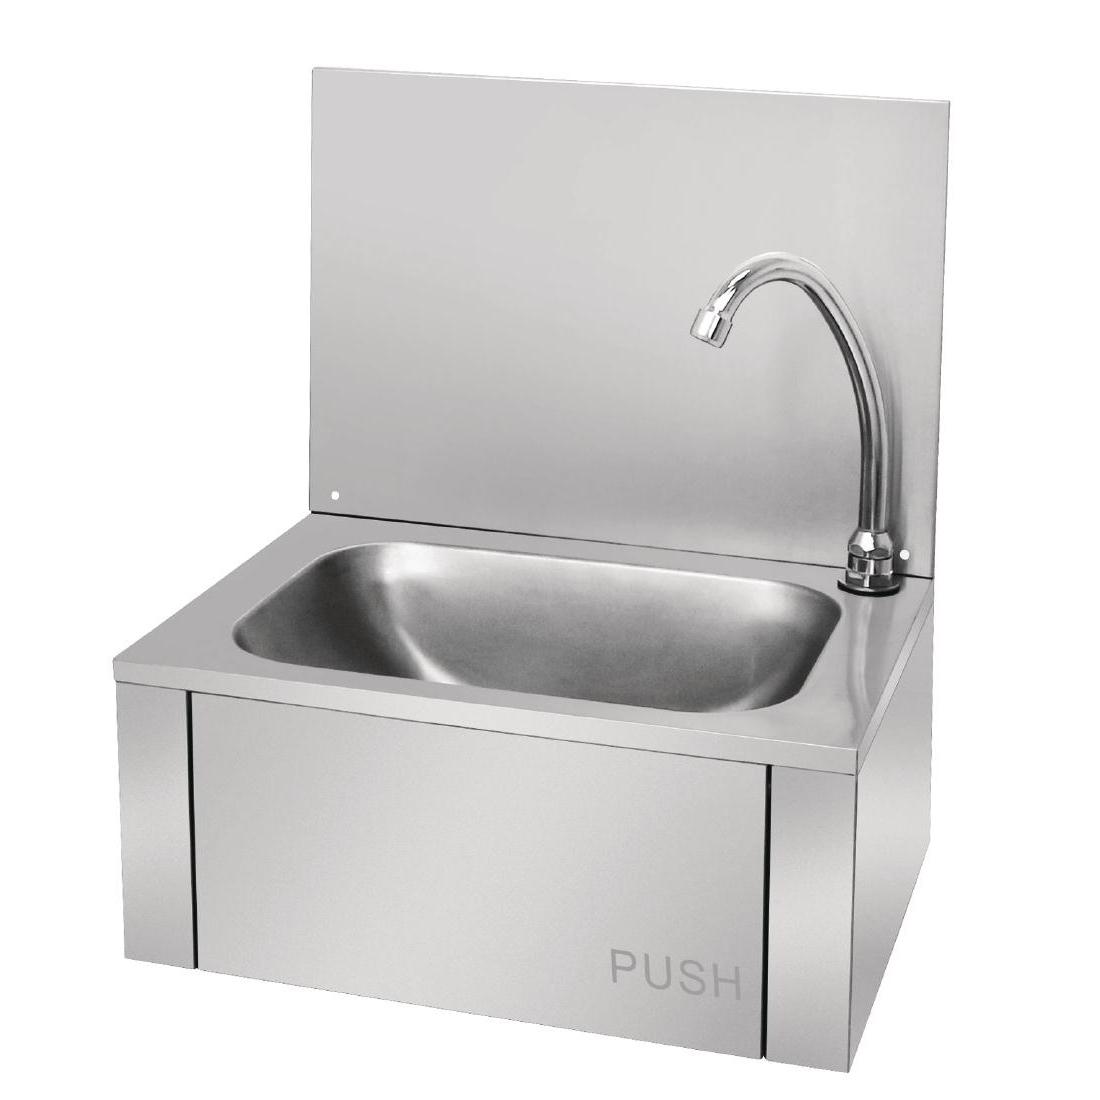 Lave-mains commande au genou inox